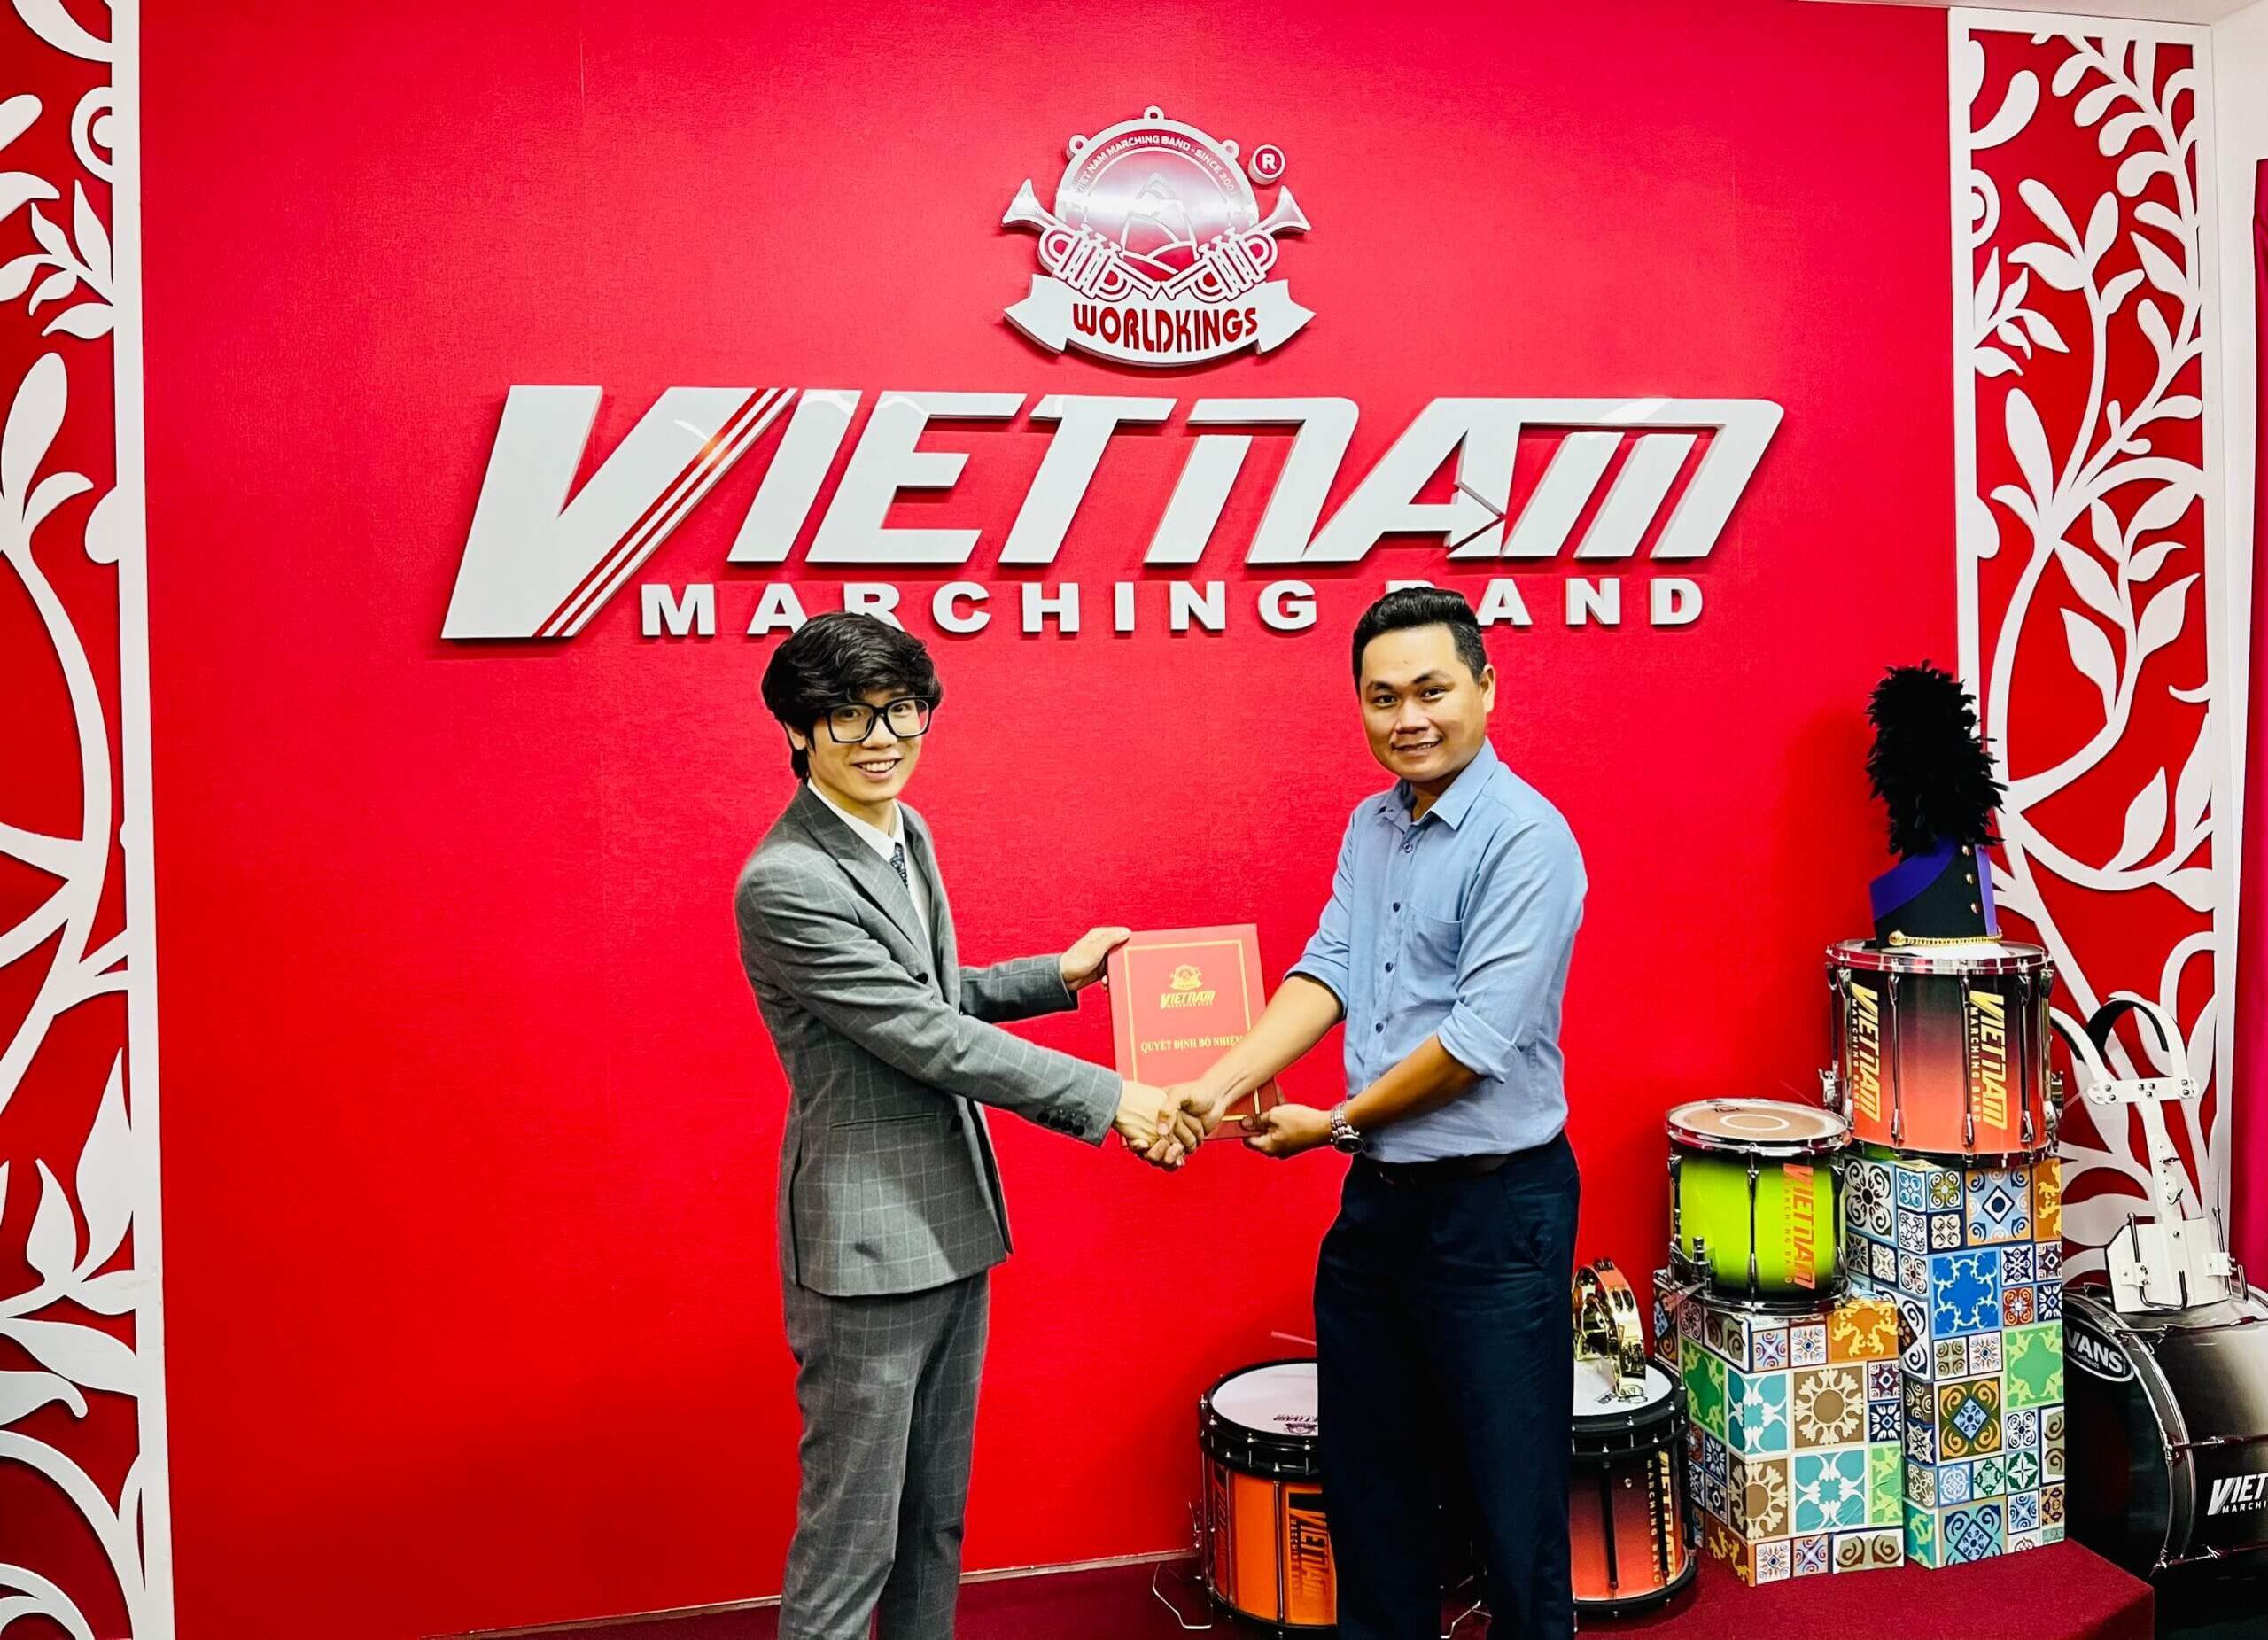 Tổng giám đốc VNMB Mr. Trần Xuân Nhật trao quyết định cho anh Ninh Quang Trường